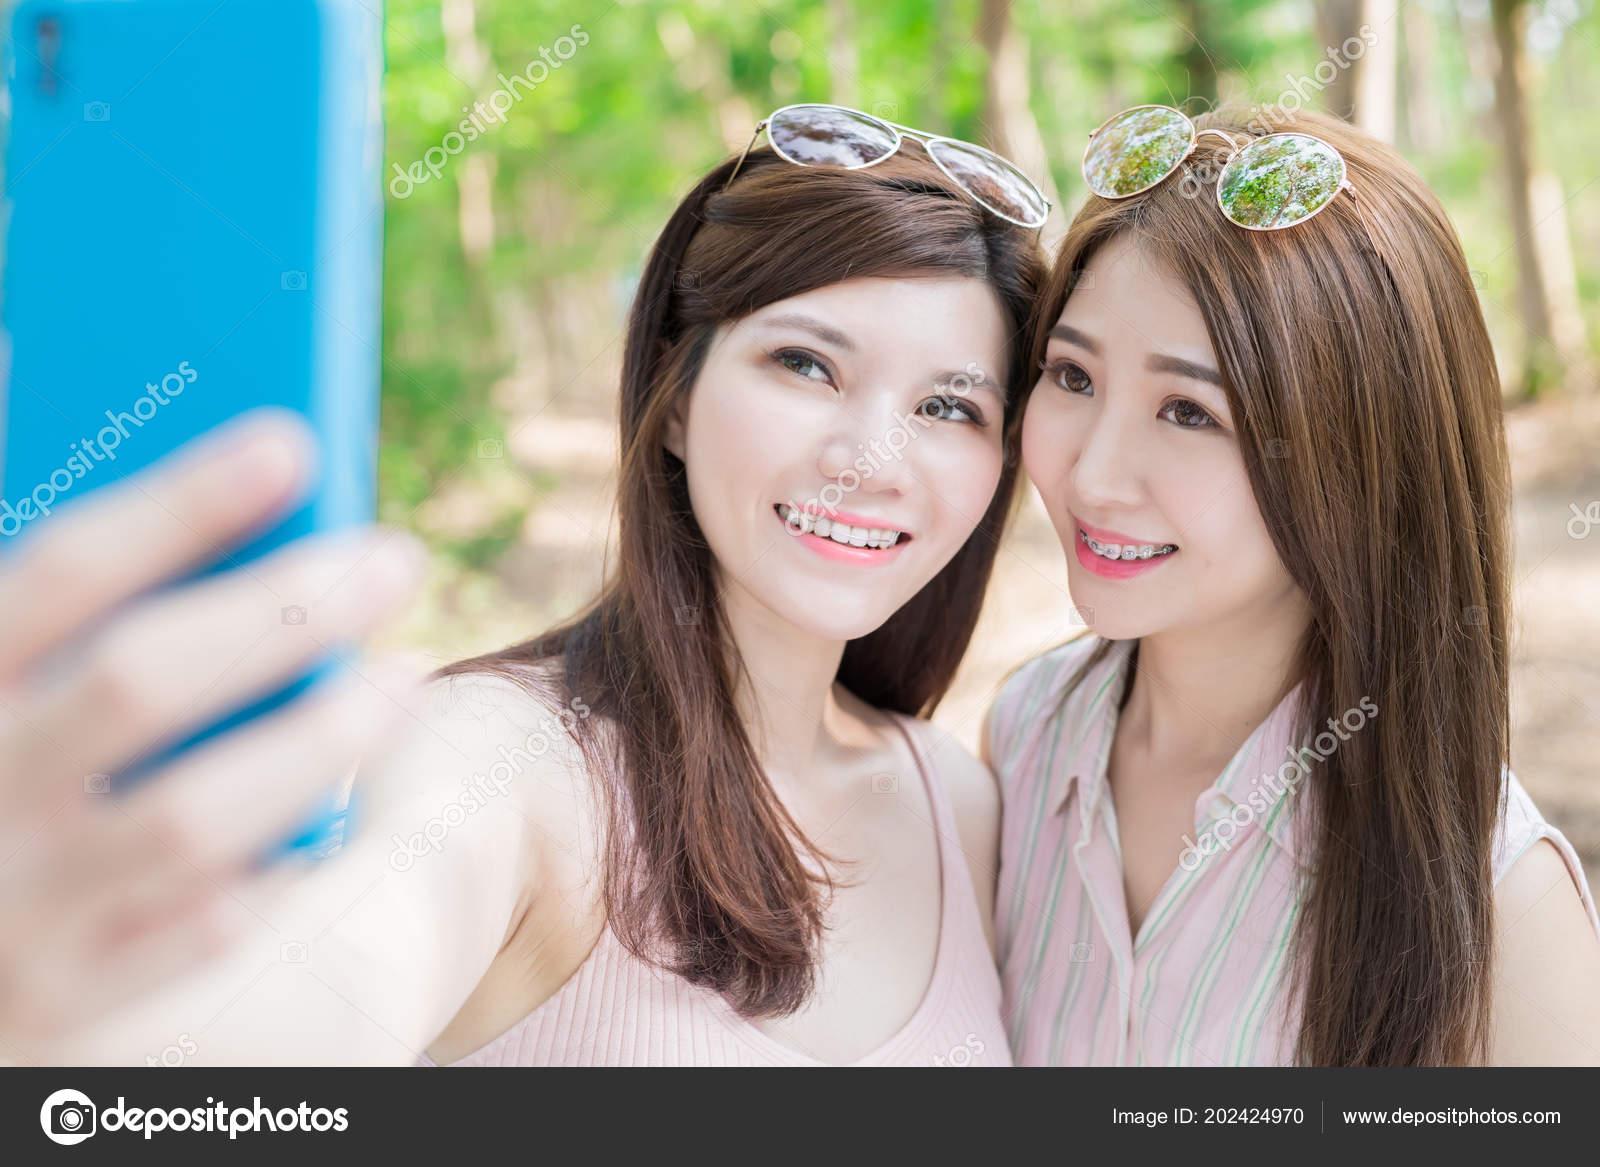 Two Beauty Women Wearing Braces Teeth Taking Selfie Happily — Stock Photo